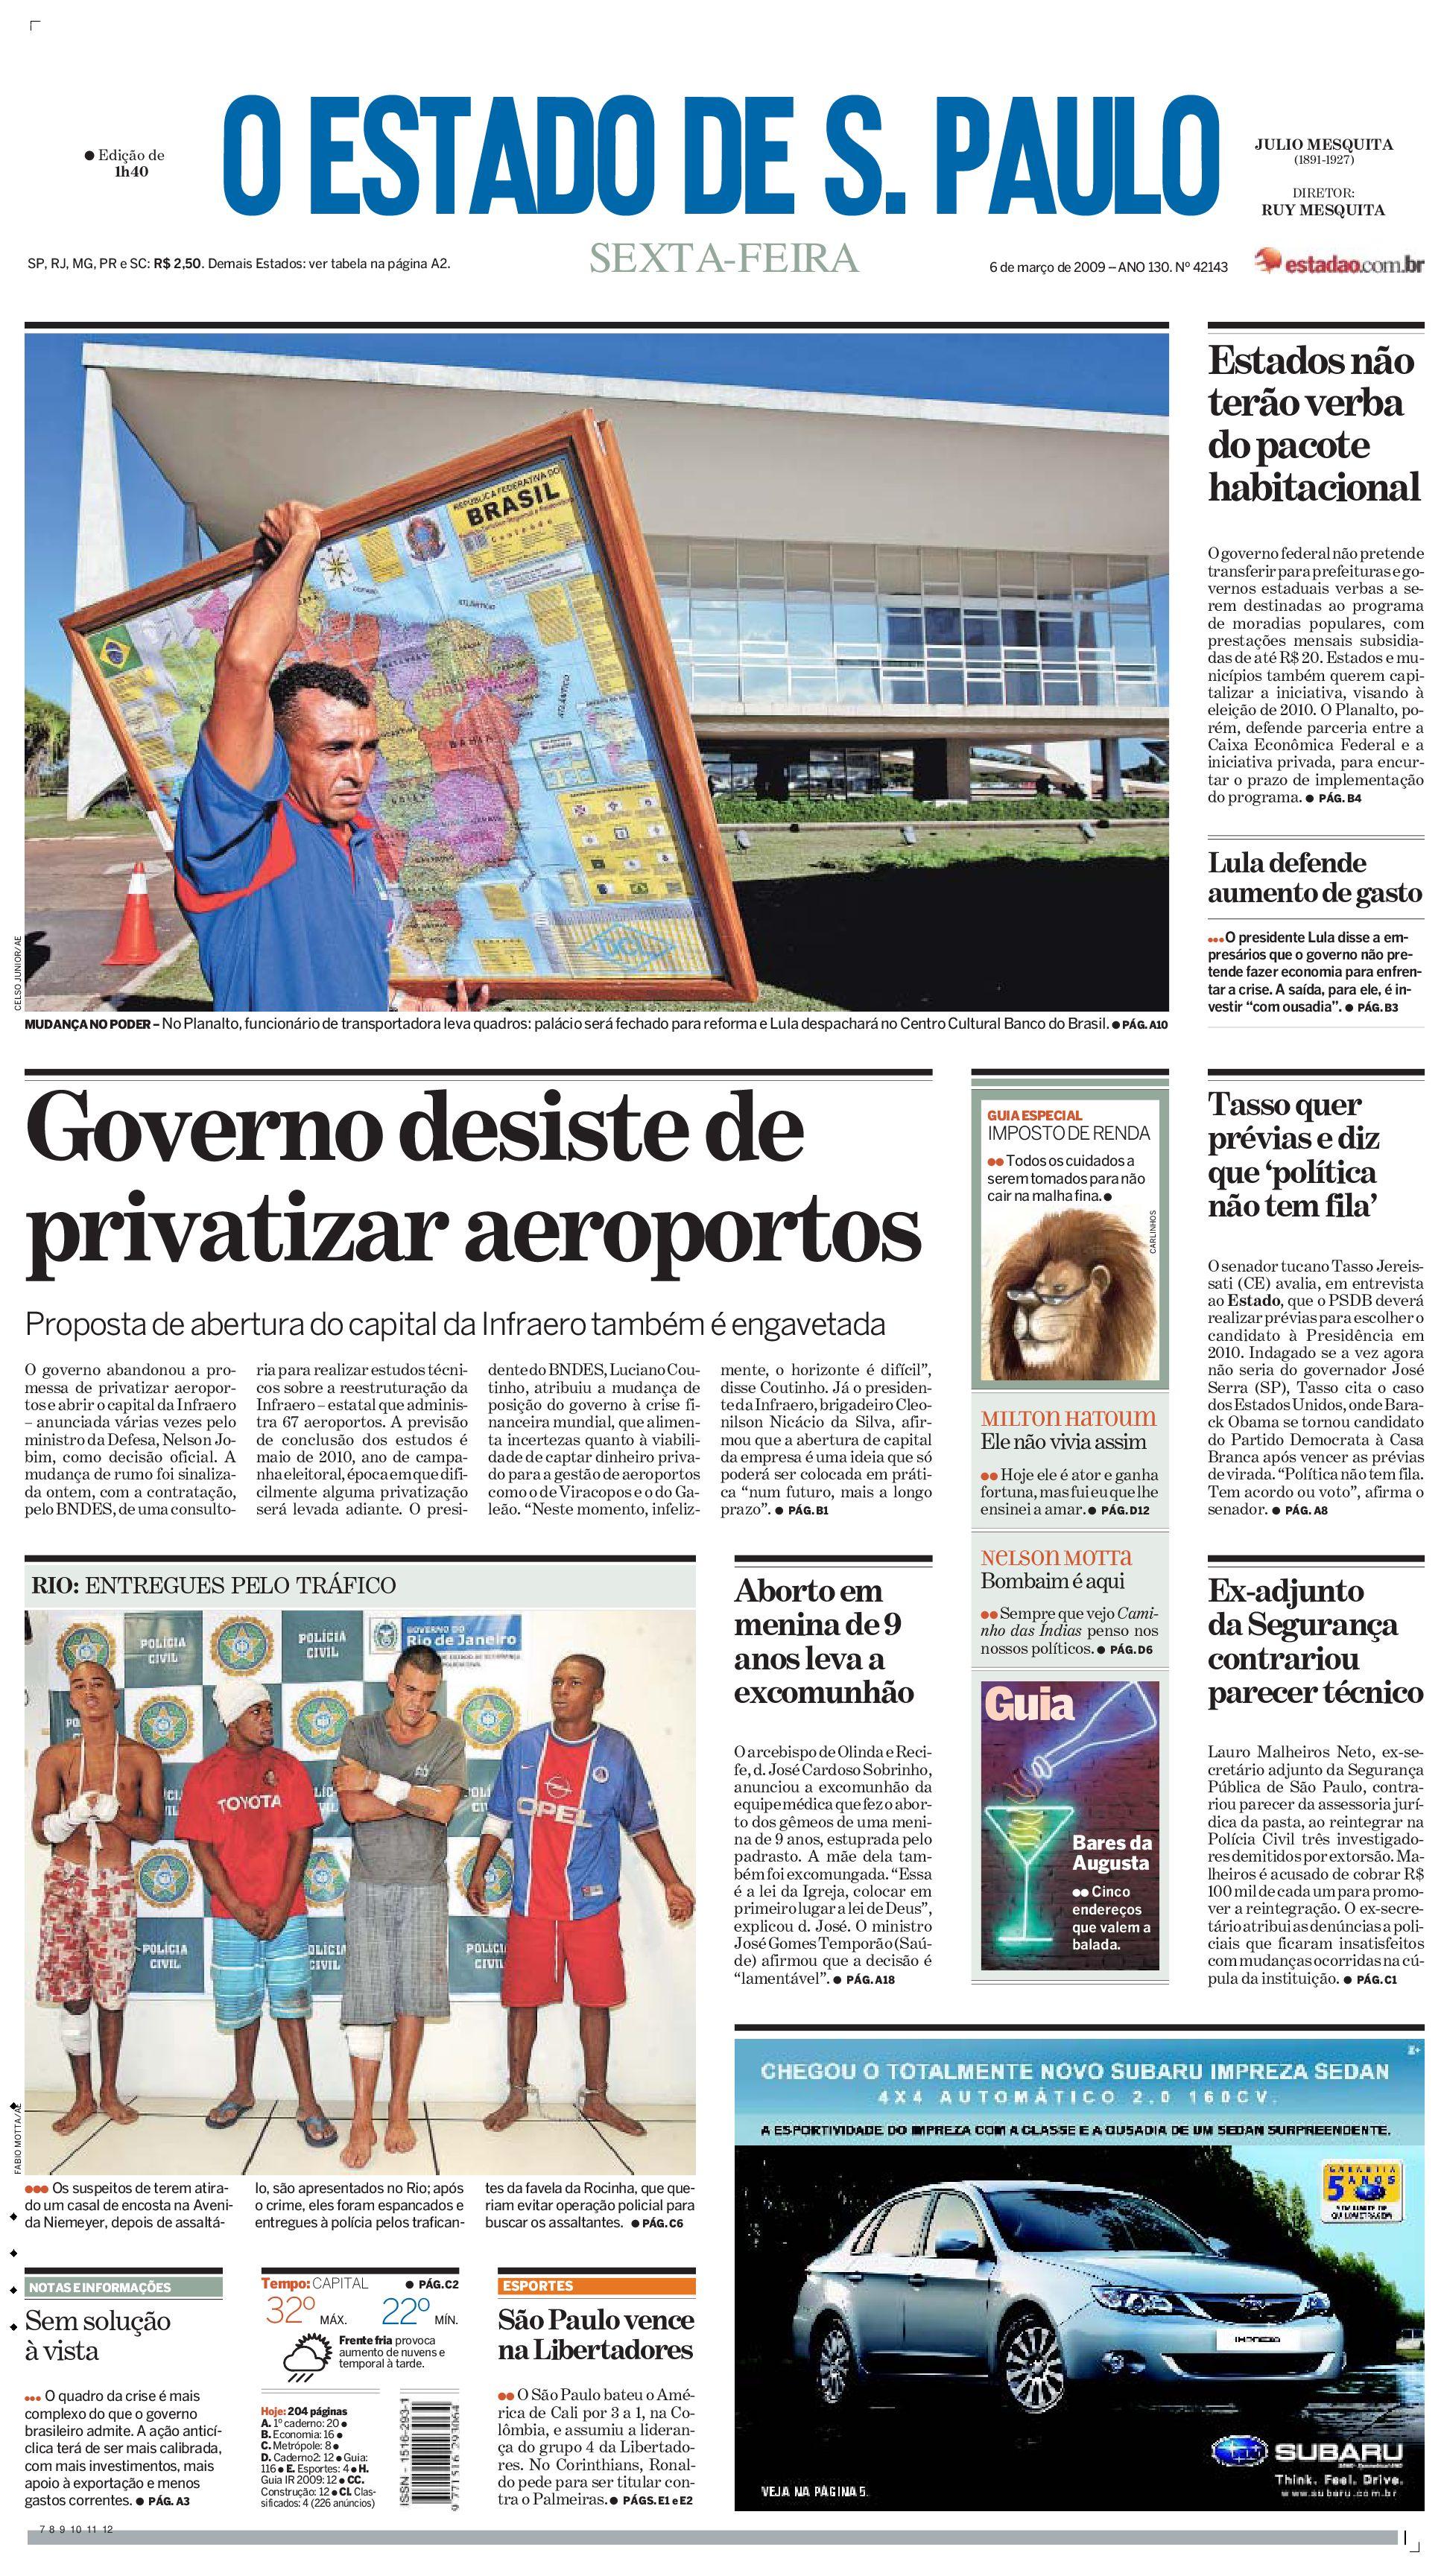 Estadão - O Estado de São Paulo by O Estadão do Norte - issuu 5c8e648622fa4